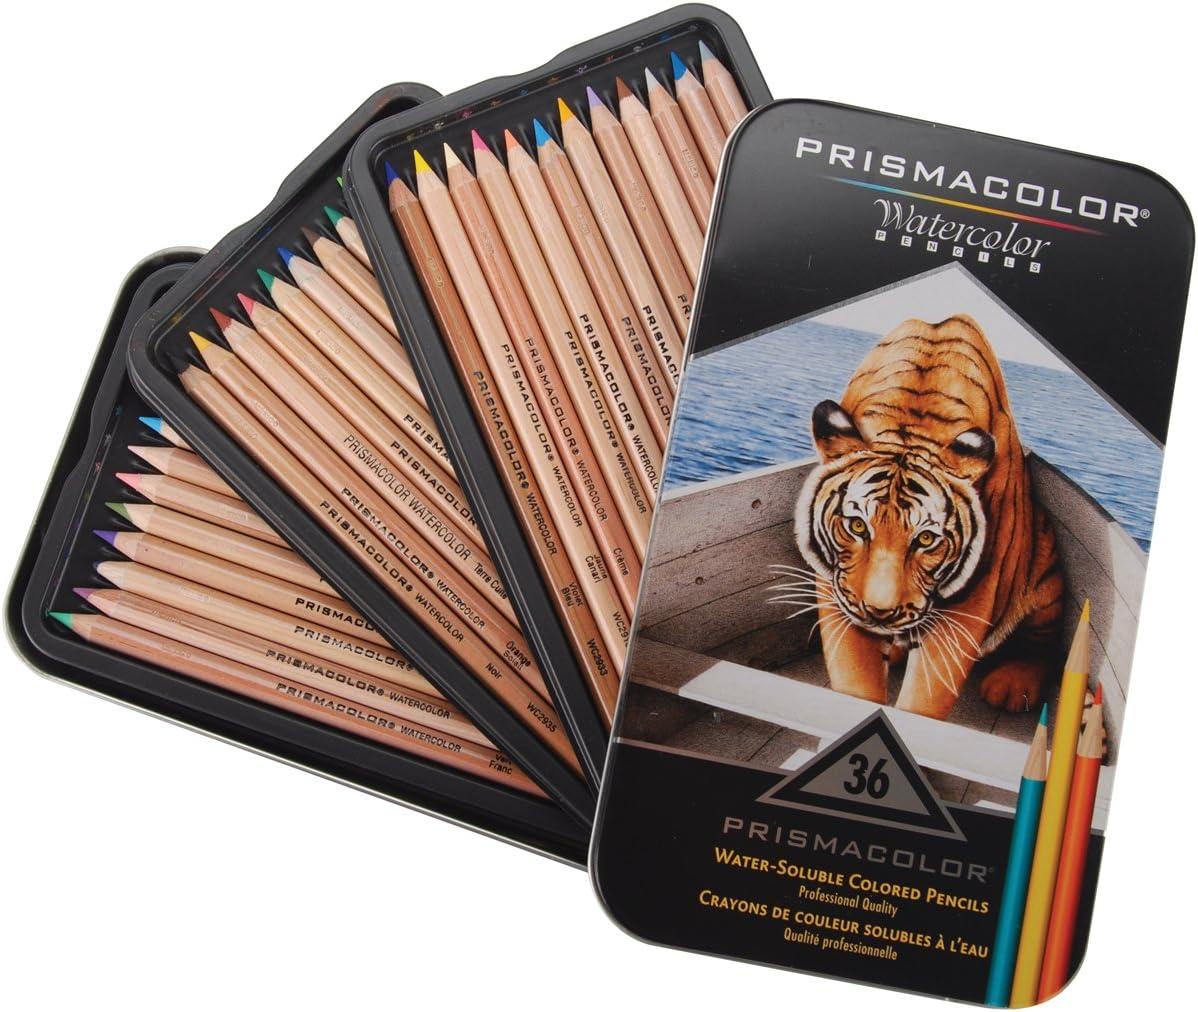 Prismacolor Premier Color Pencils | Water-Soluble Color